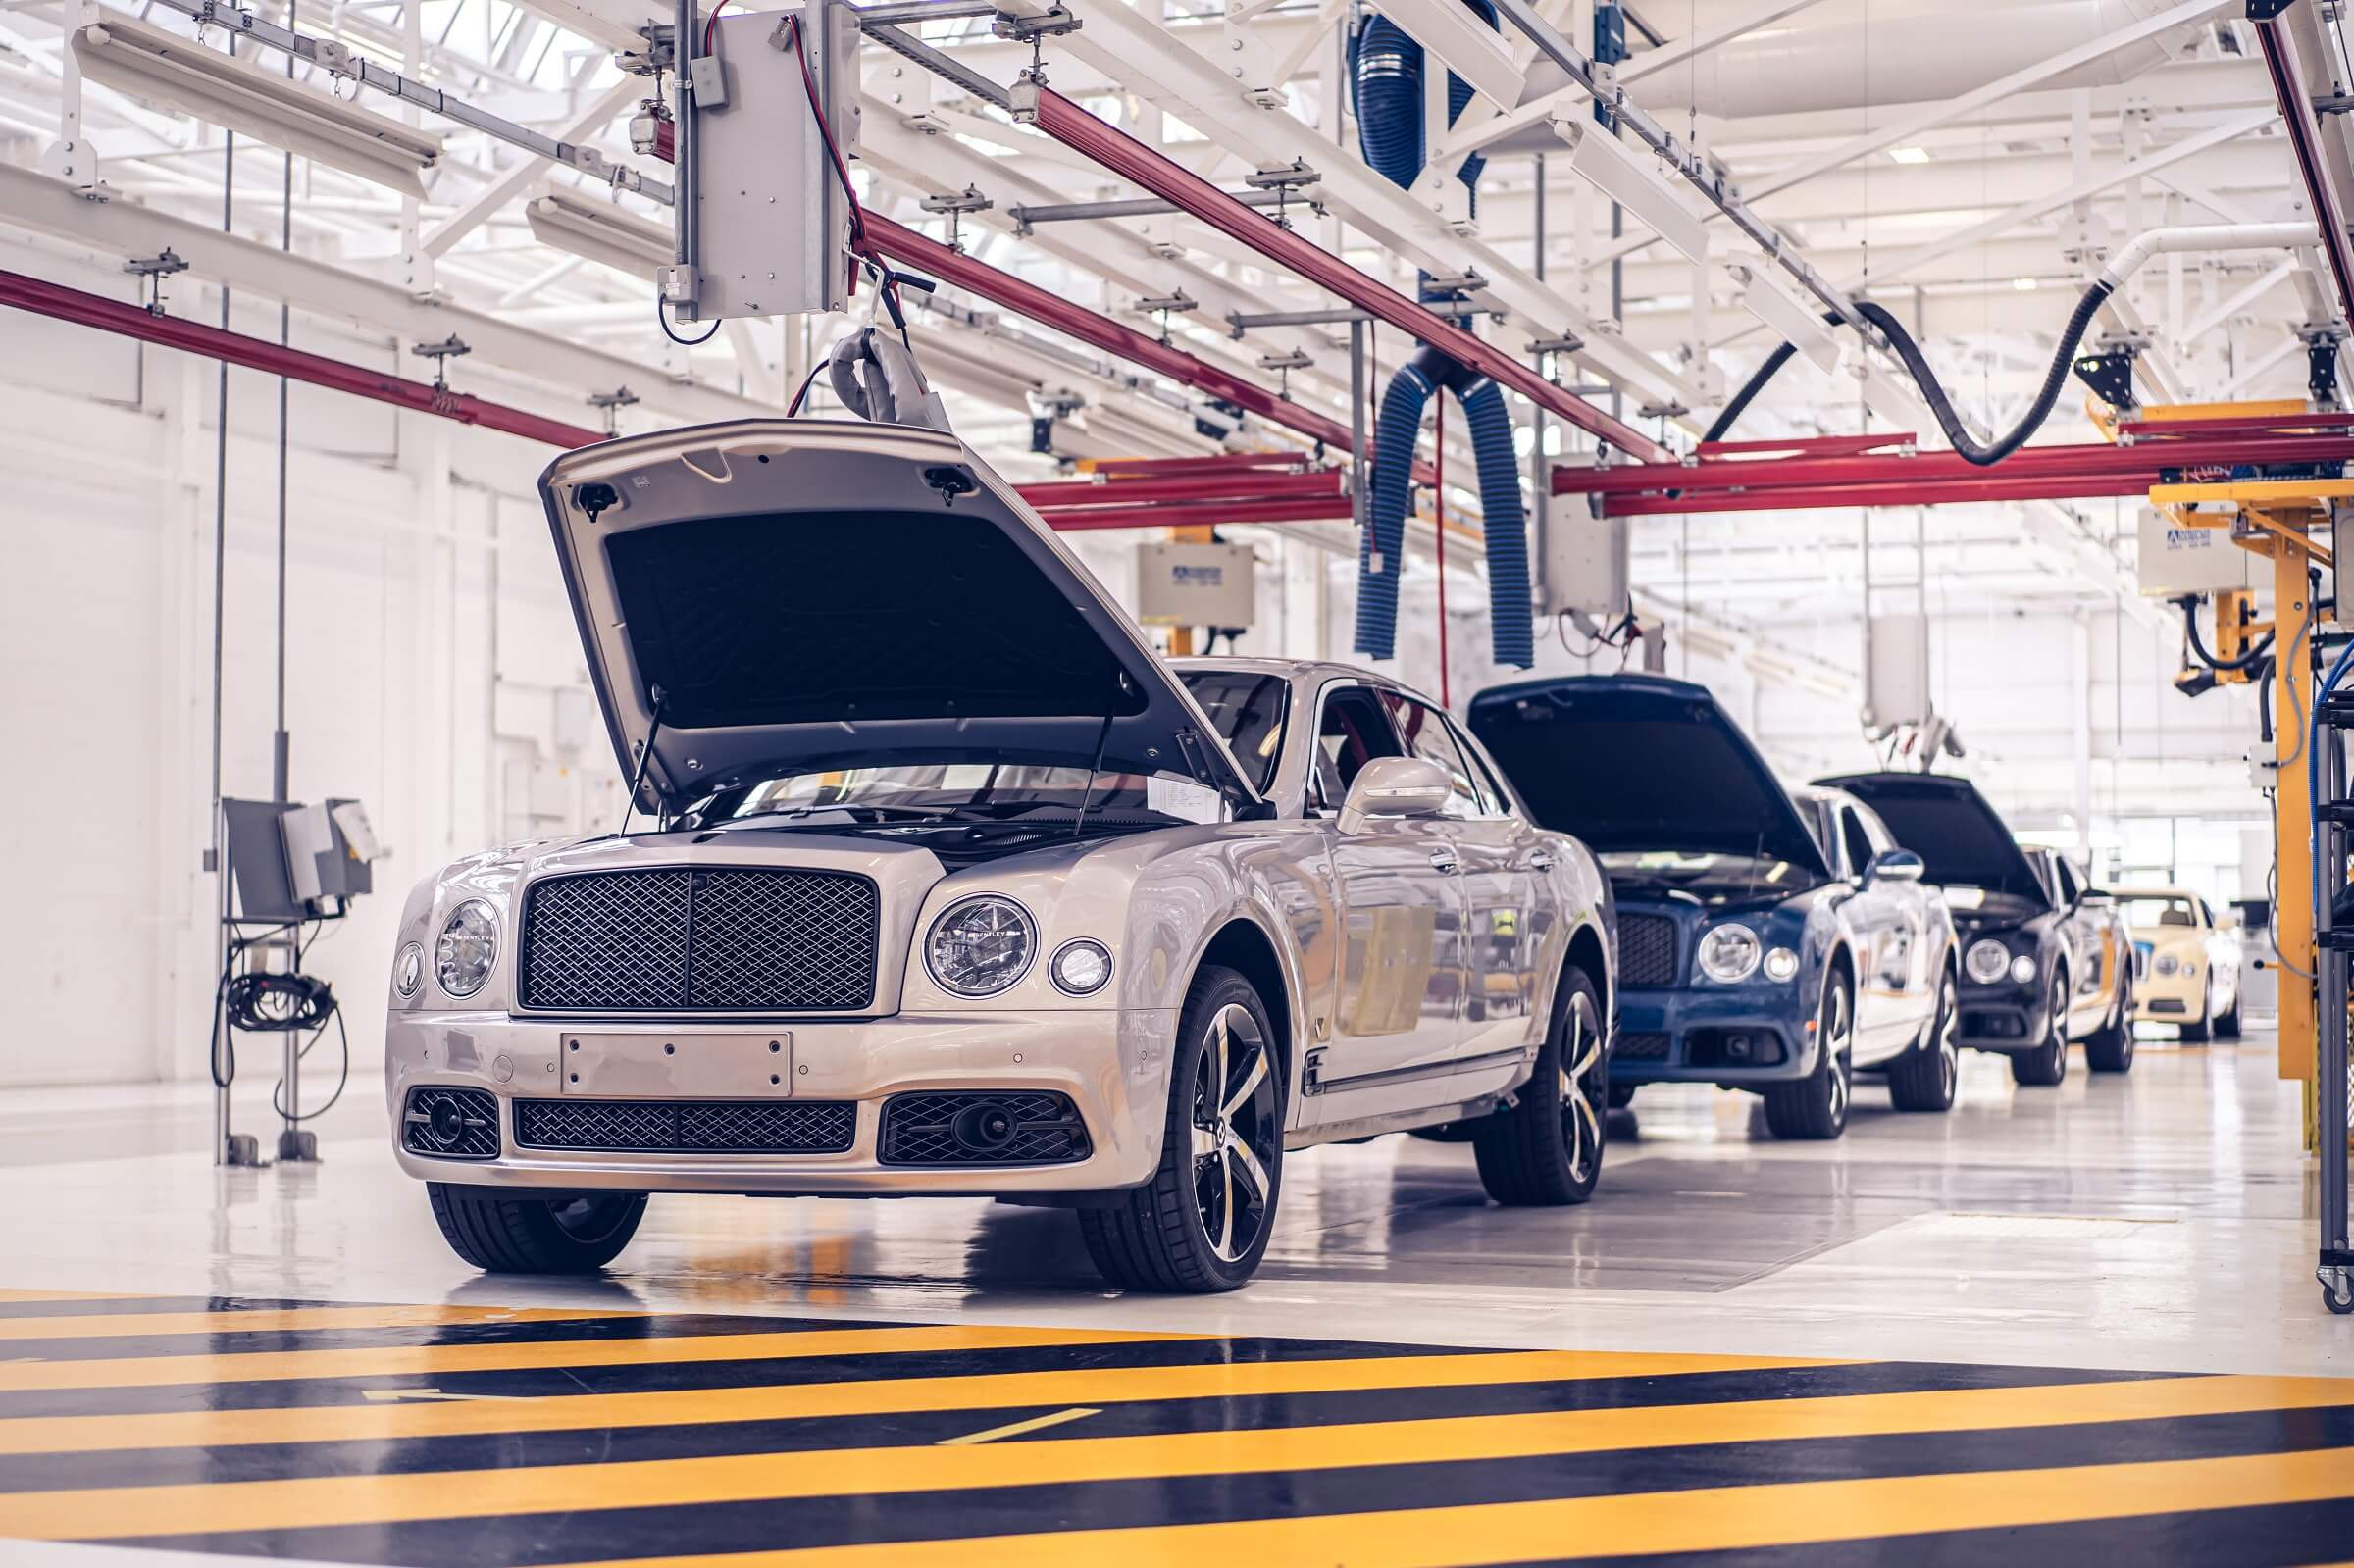 Bentley Mulsanne - Το τέλος μιας εποχής - Η παραγωγή